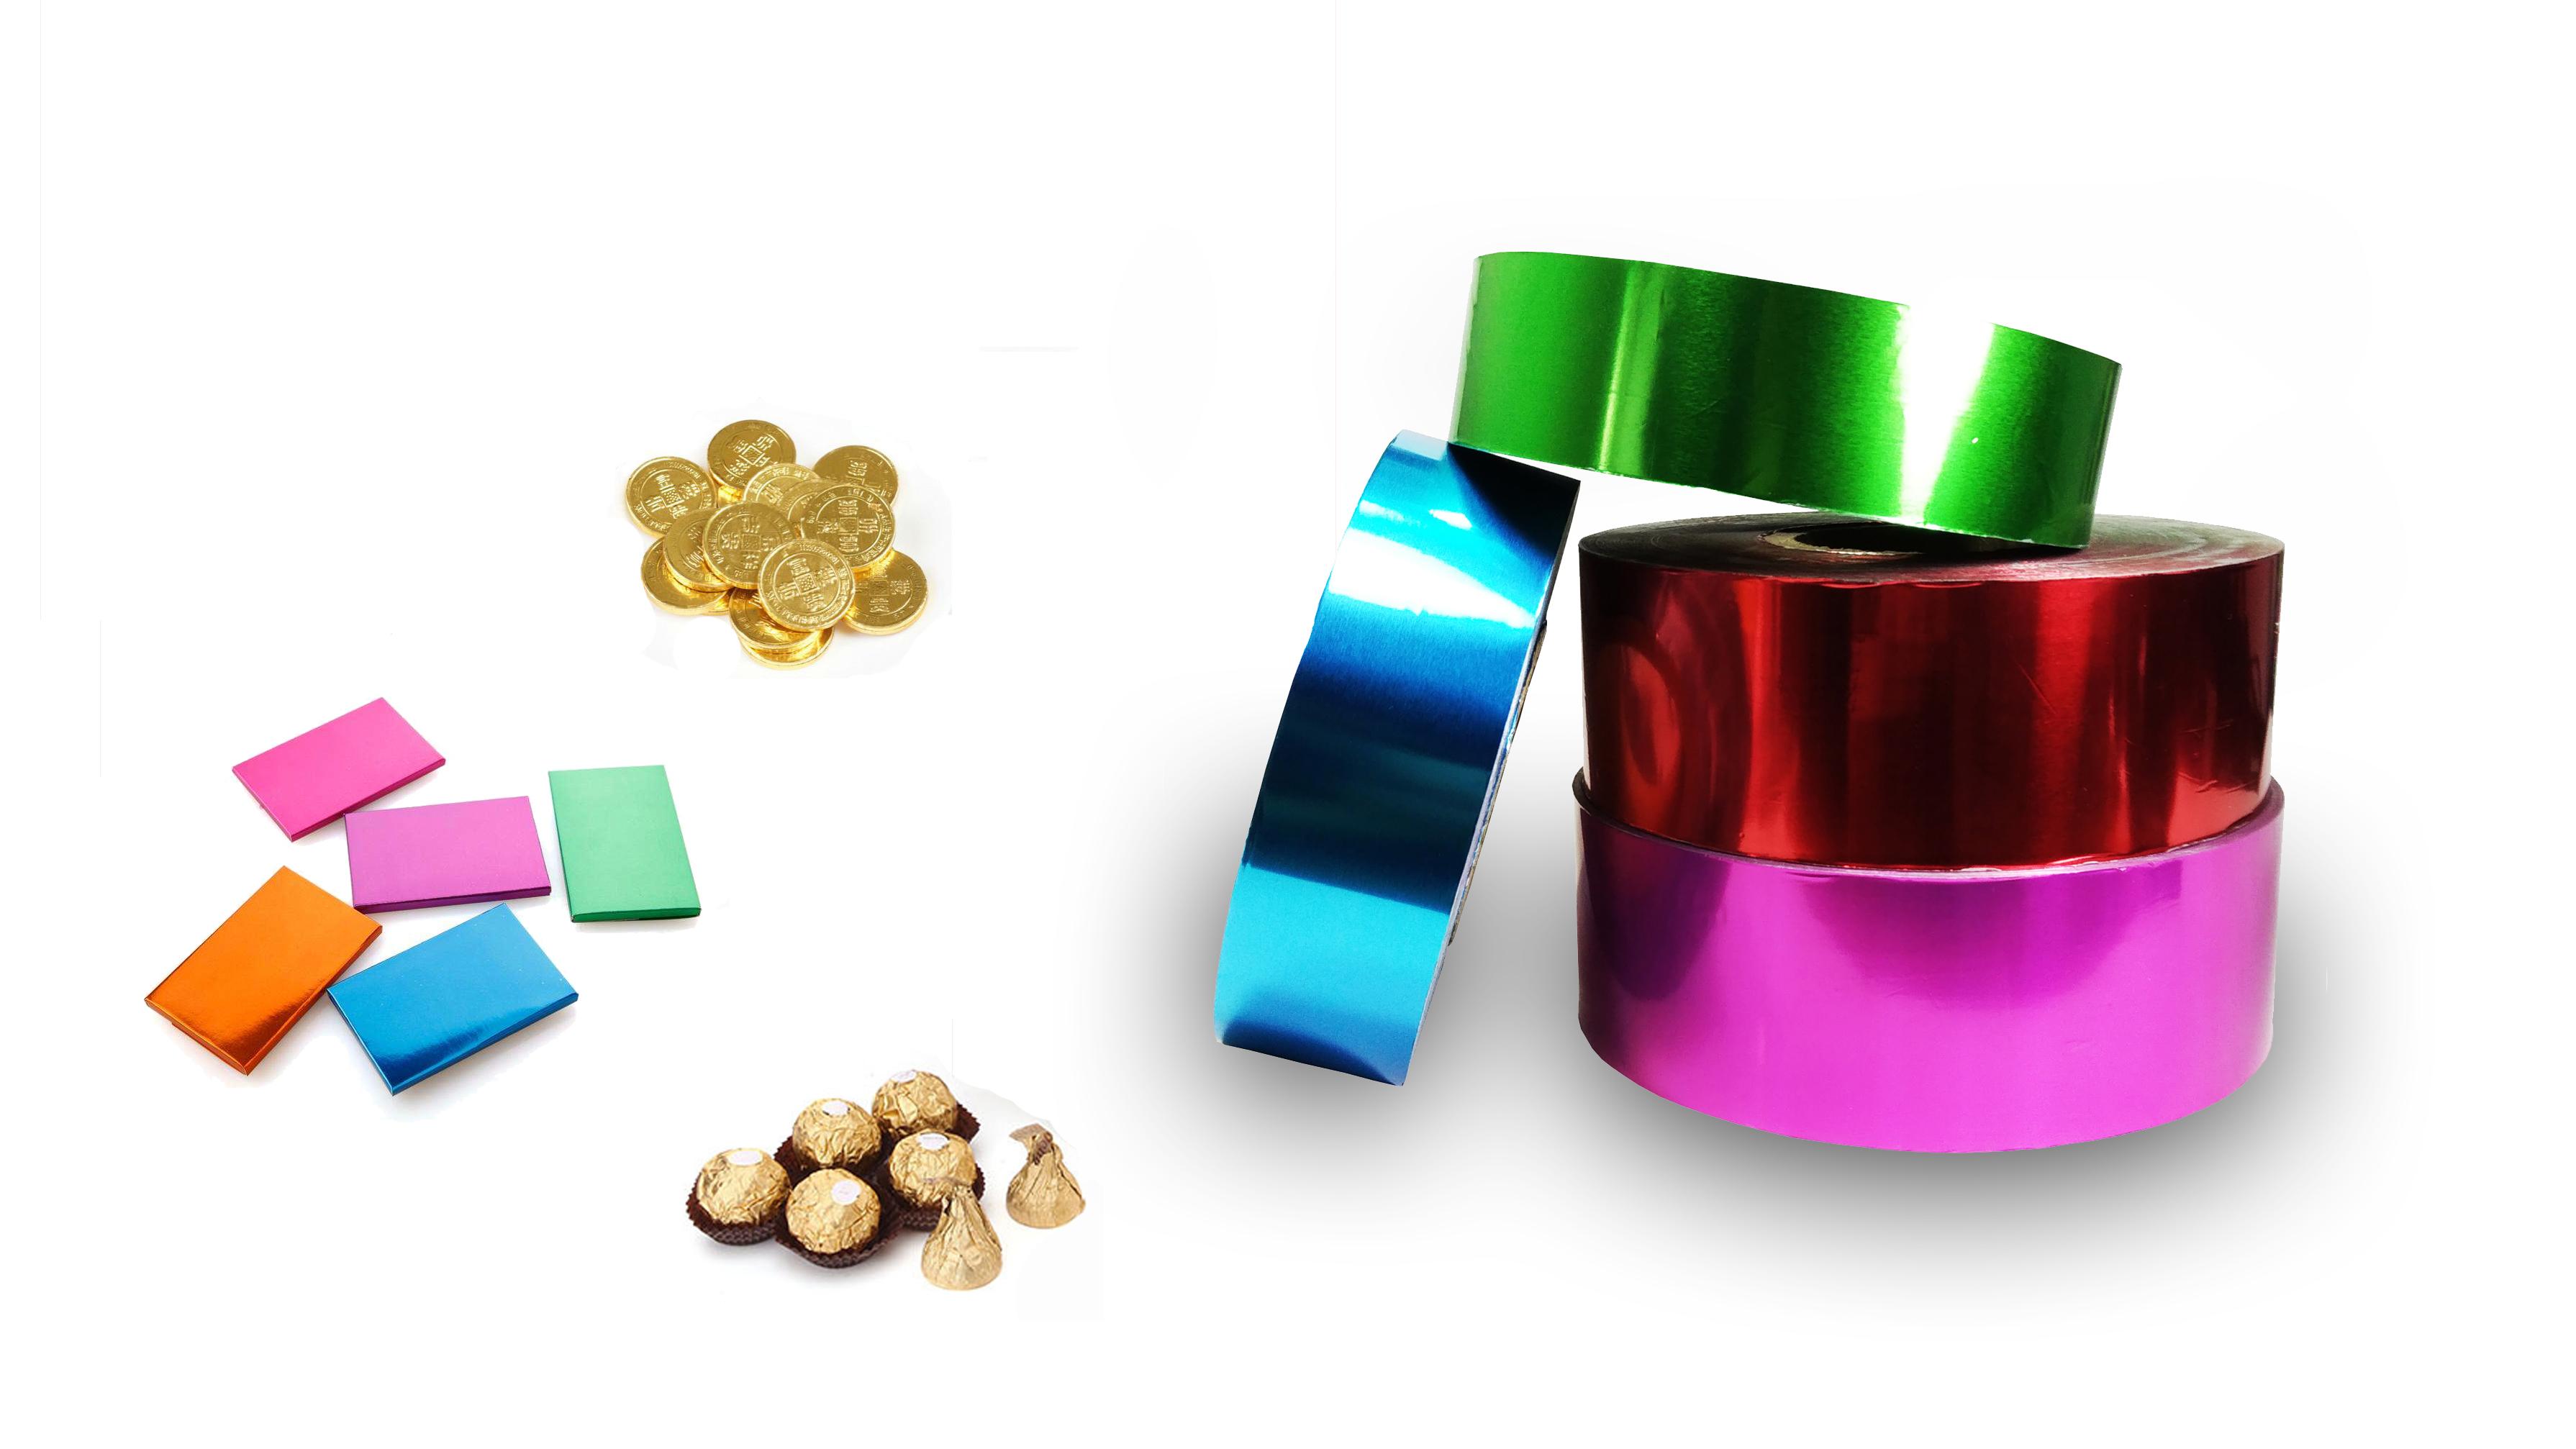 アルミ箔用薬物ブリスター包装、アルミ箔用パッキングフィルム